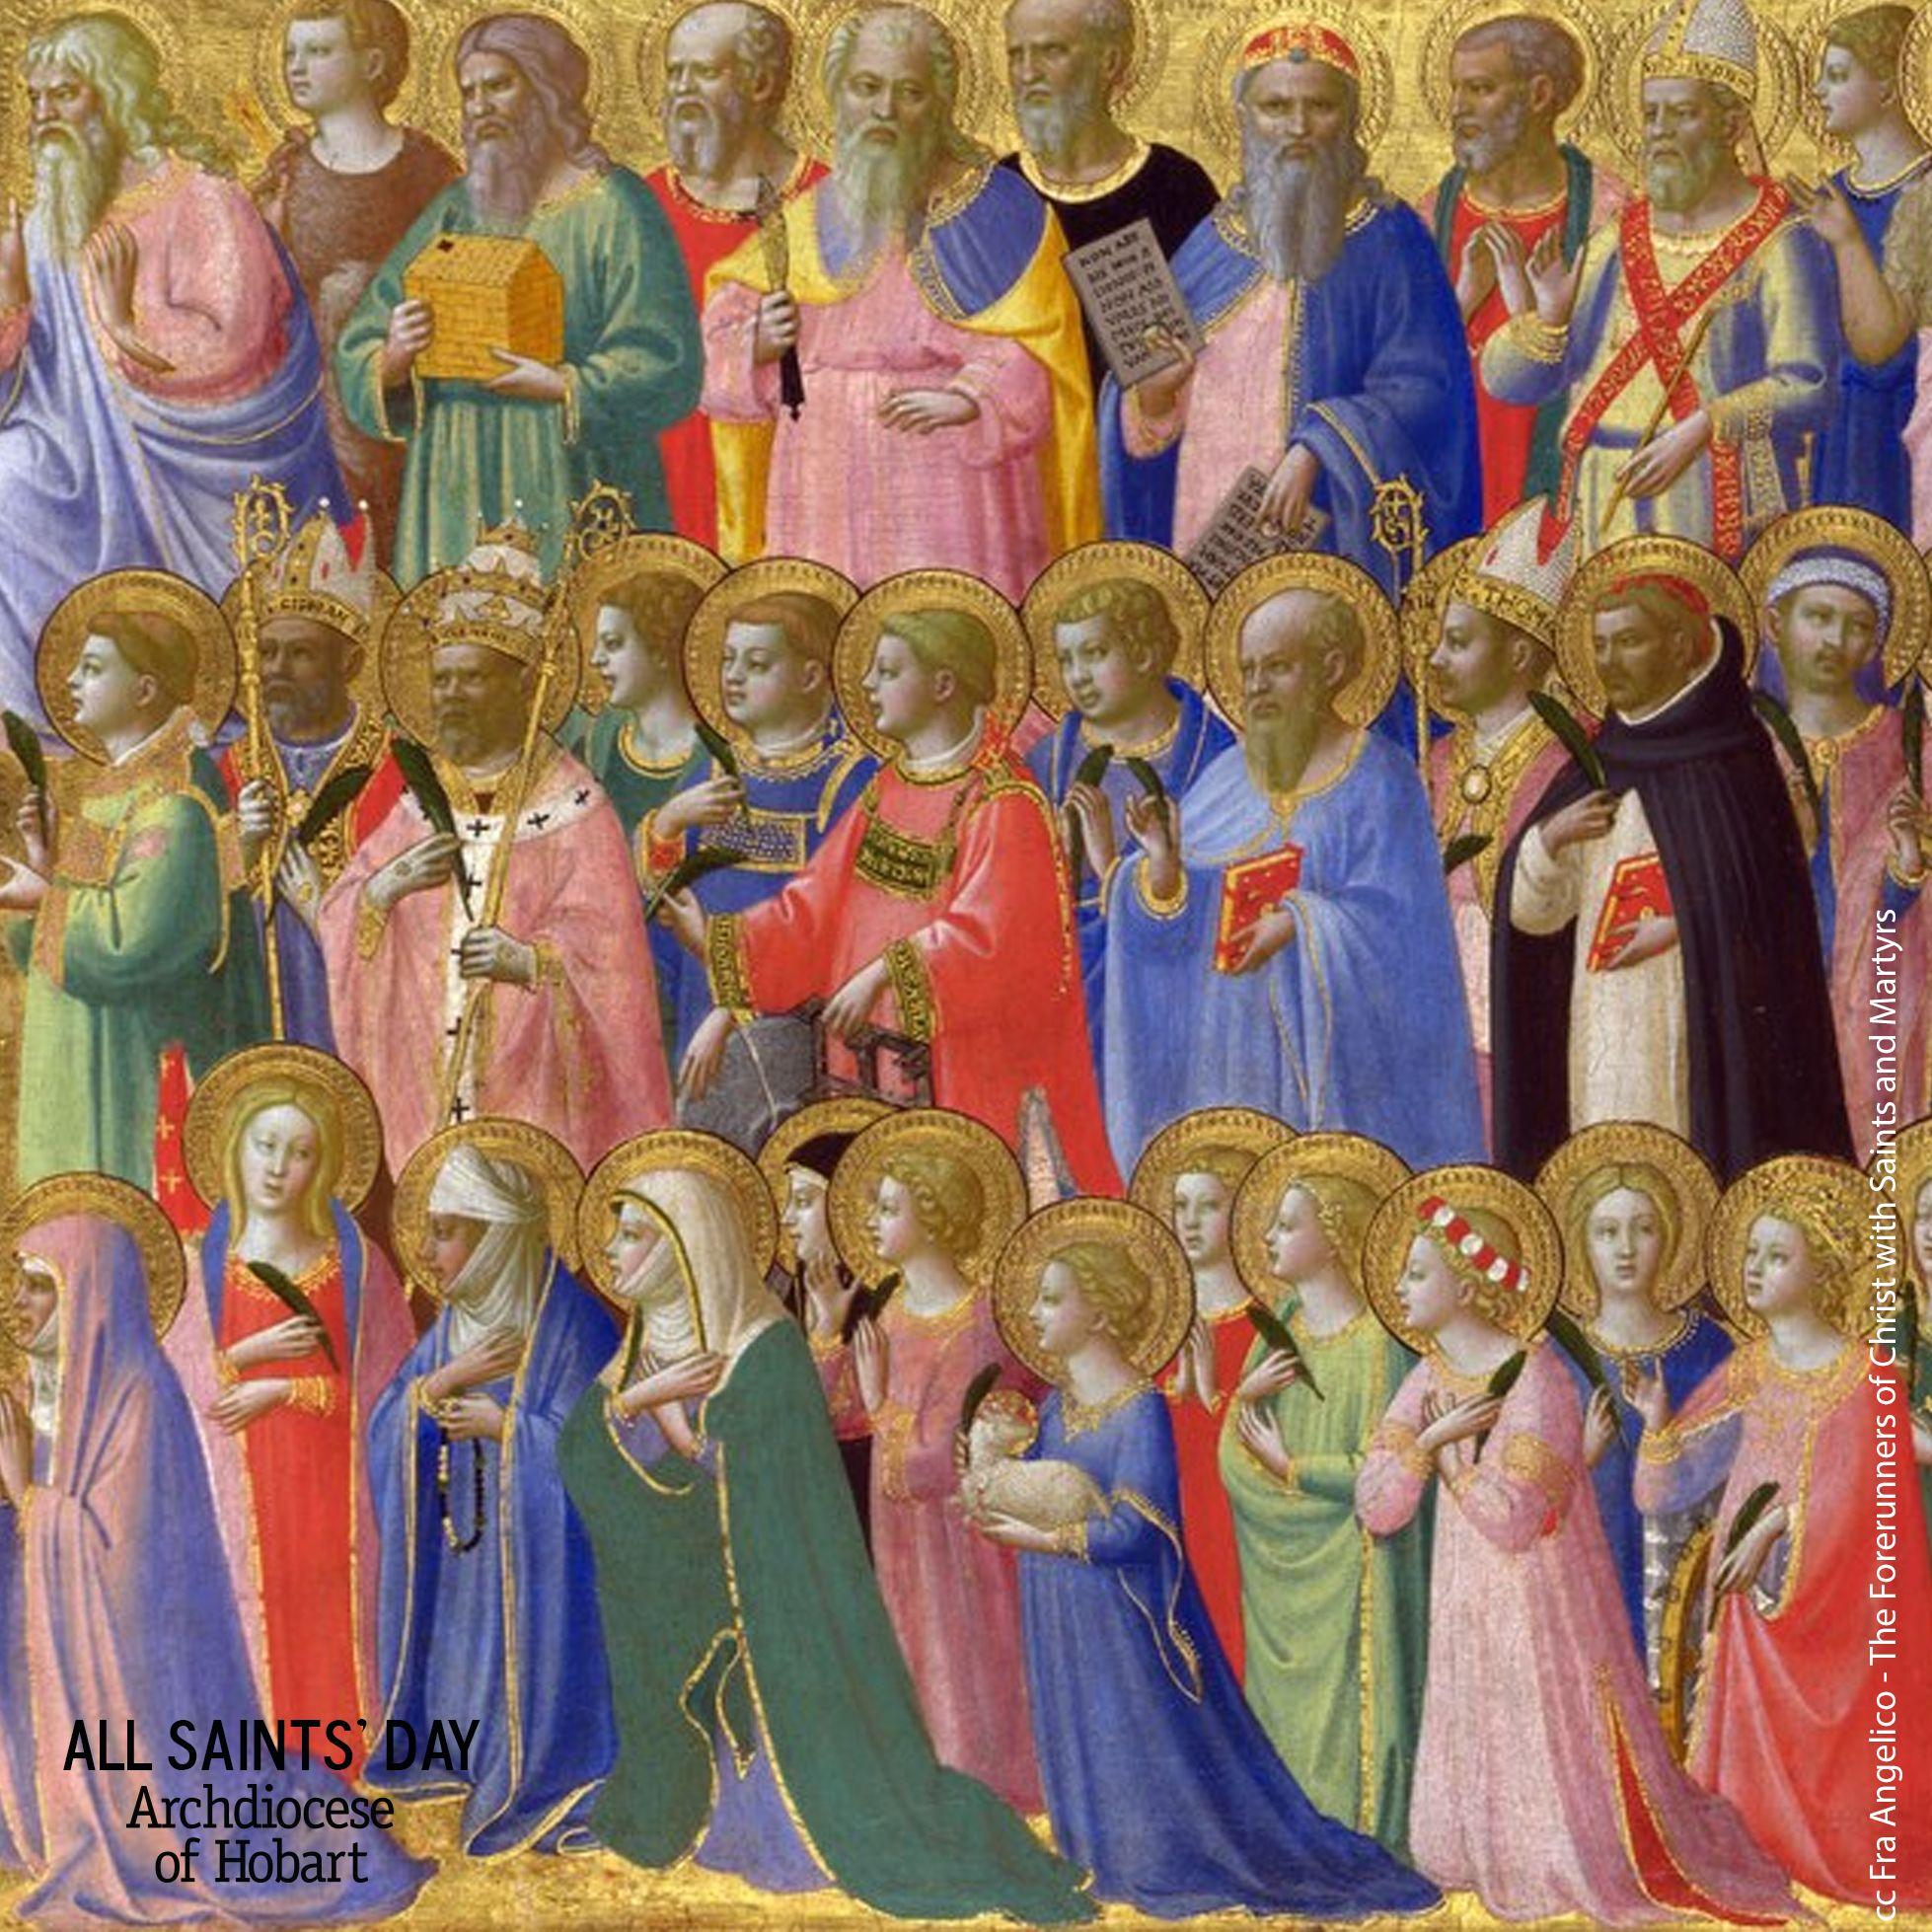 All saints patron saints all saints day